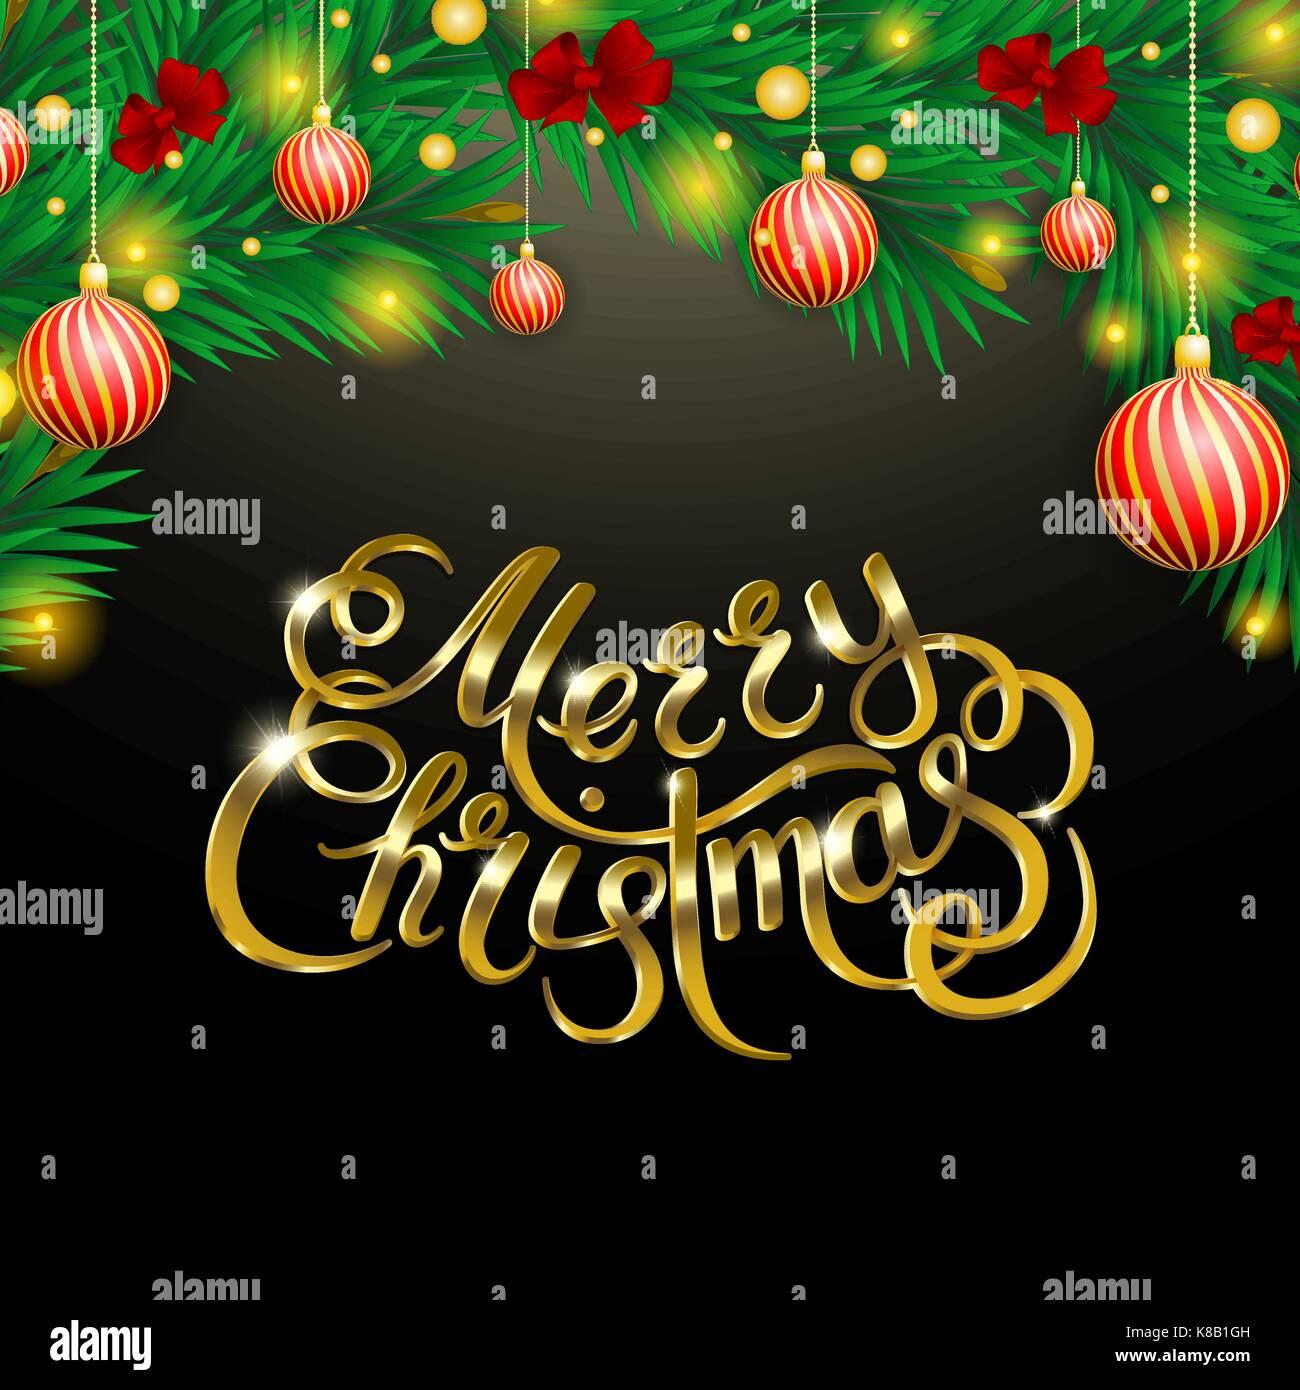 Goldene Schrift auf schwarzem Hintergrund. Frohe Weihnachten und ...